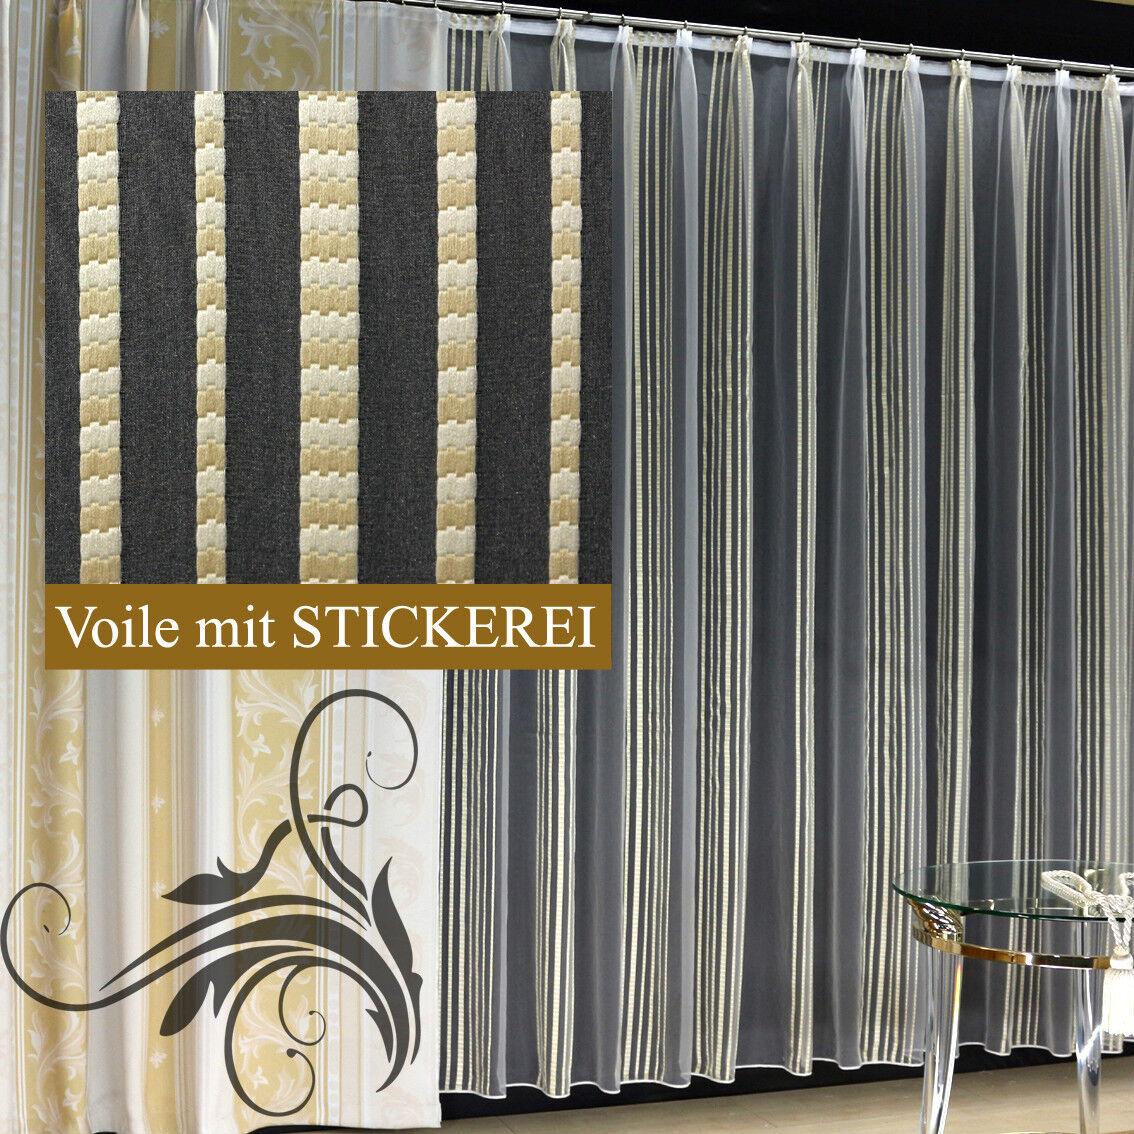 De haute avec qualité fini rideau voile store avec haute motif faltenband & bleiband PRADA 779092